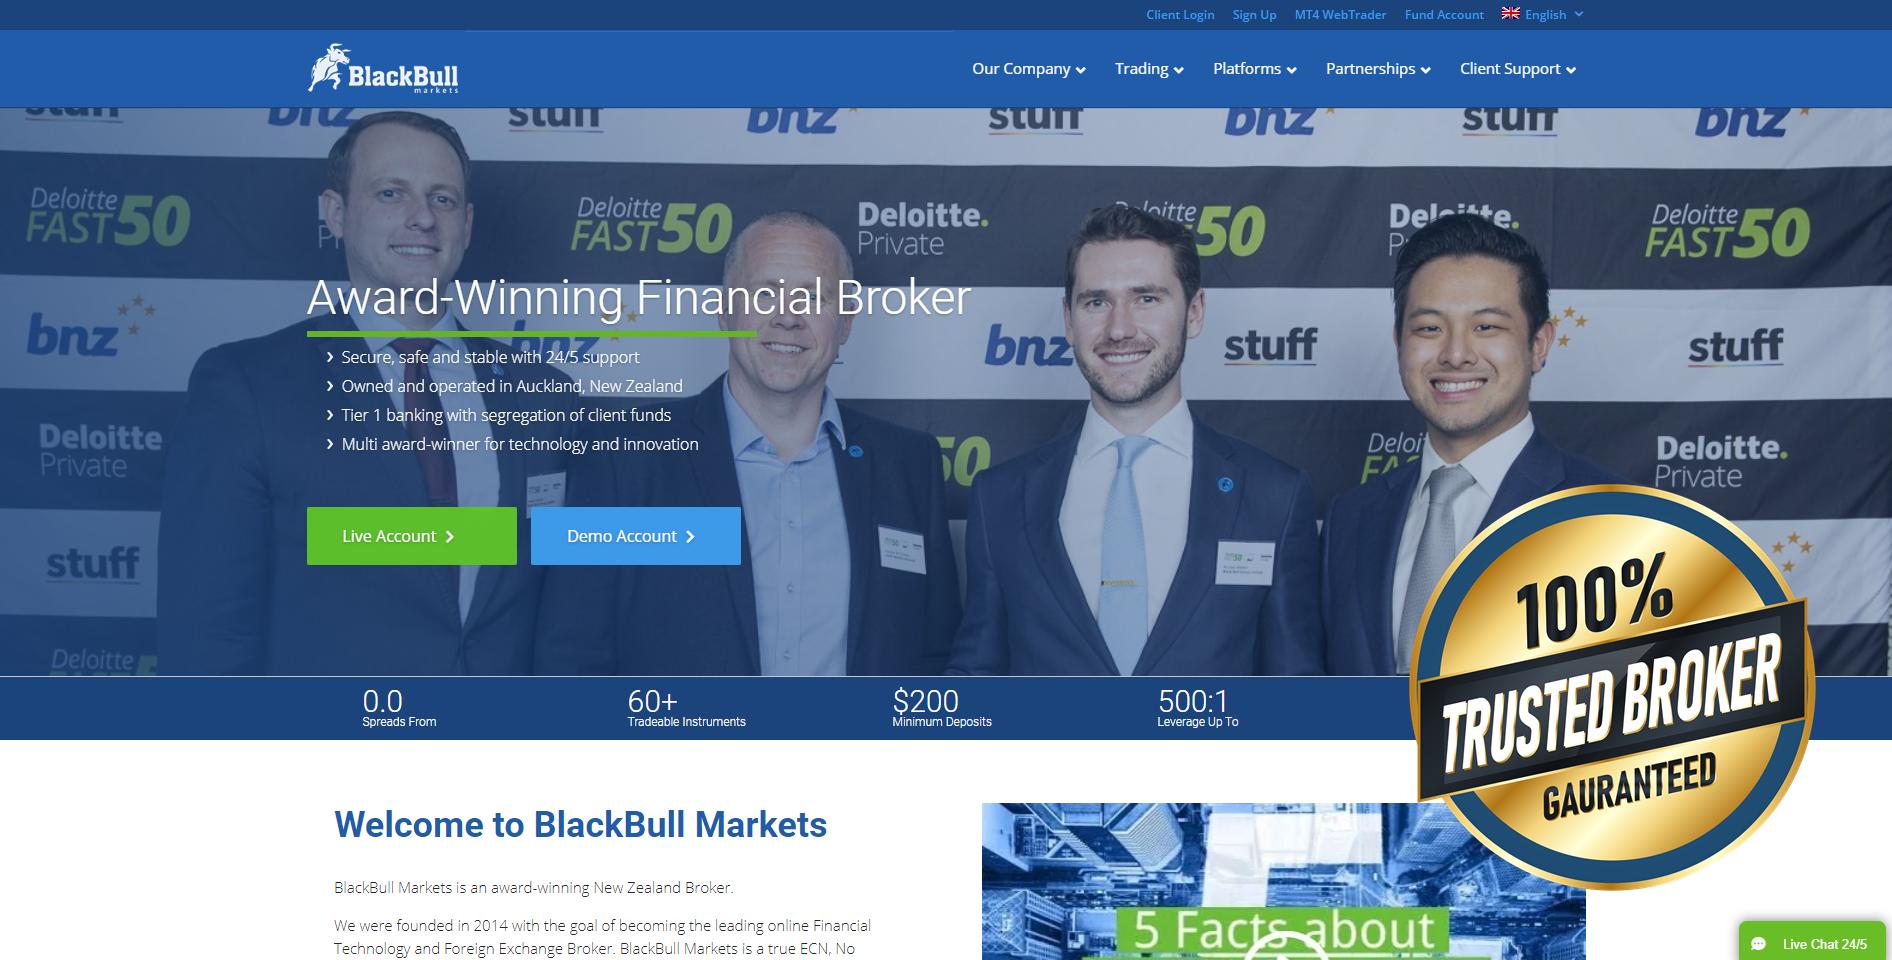 Официальный сайт BlackBull Markets